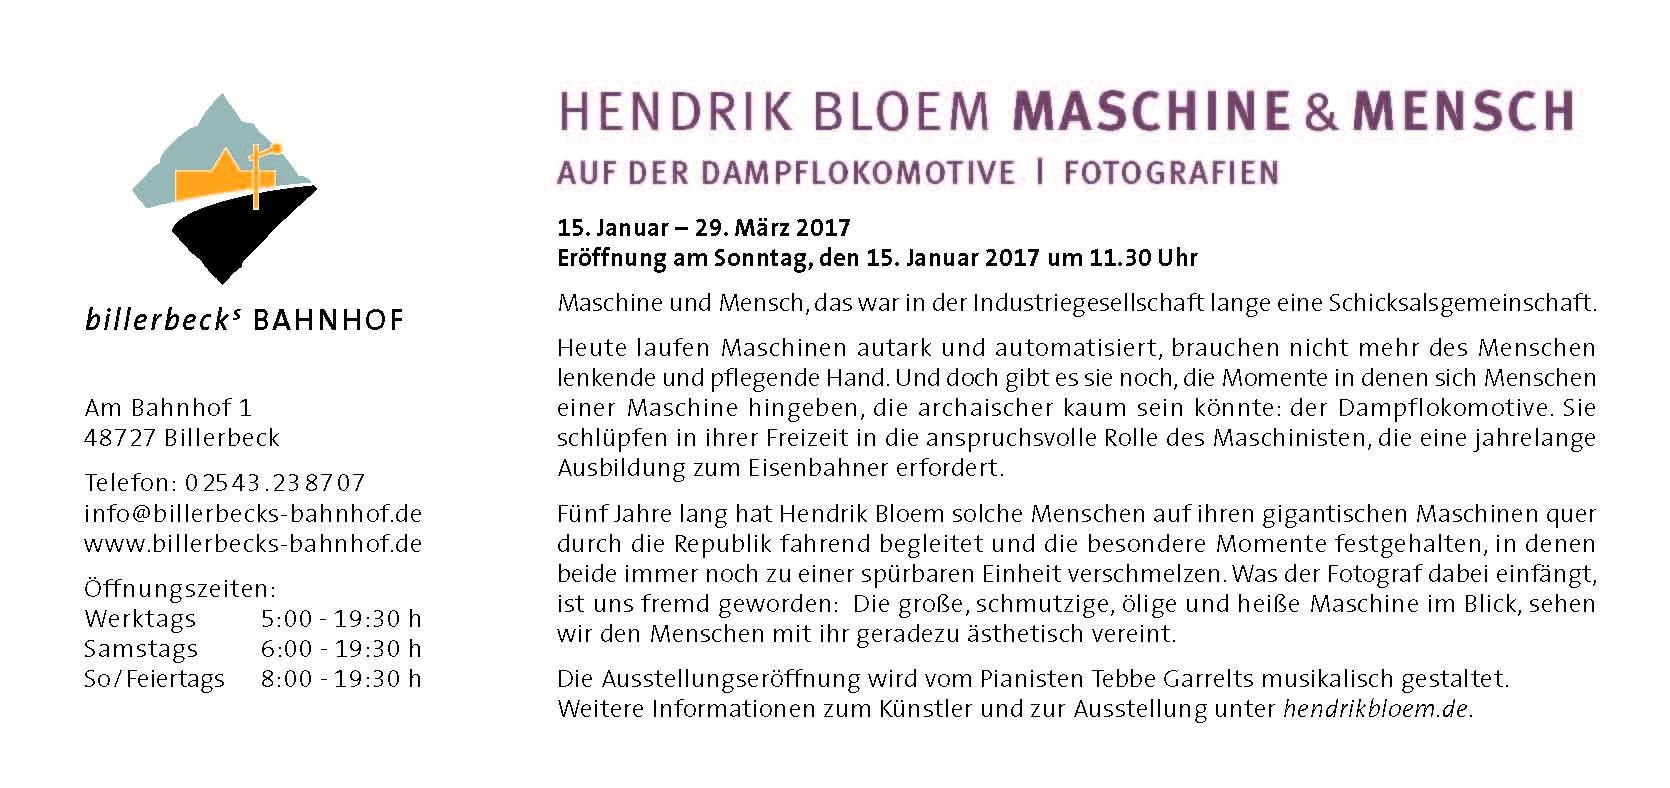 09__Hendrik Bloem_www.hendrikbloem.de_Maschine und Mensch